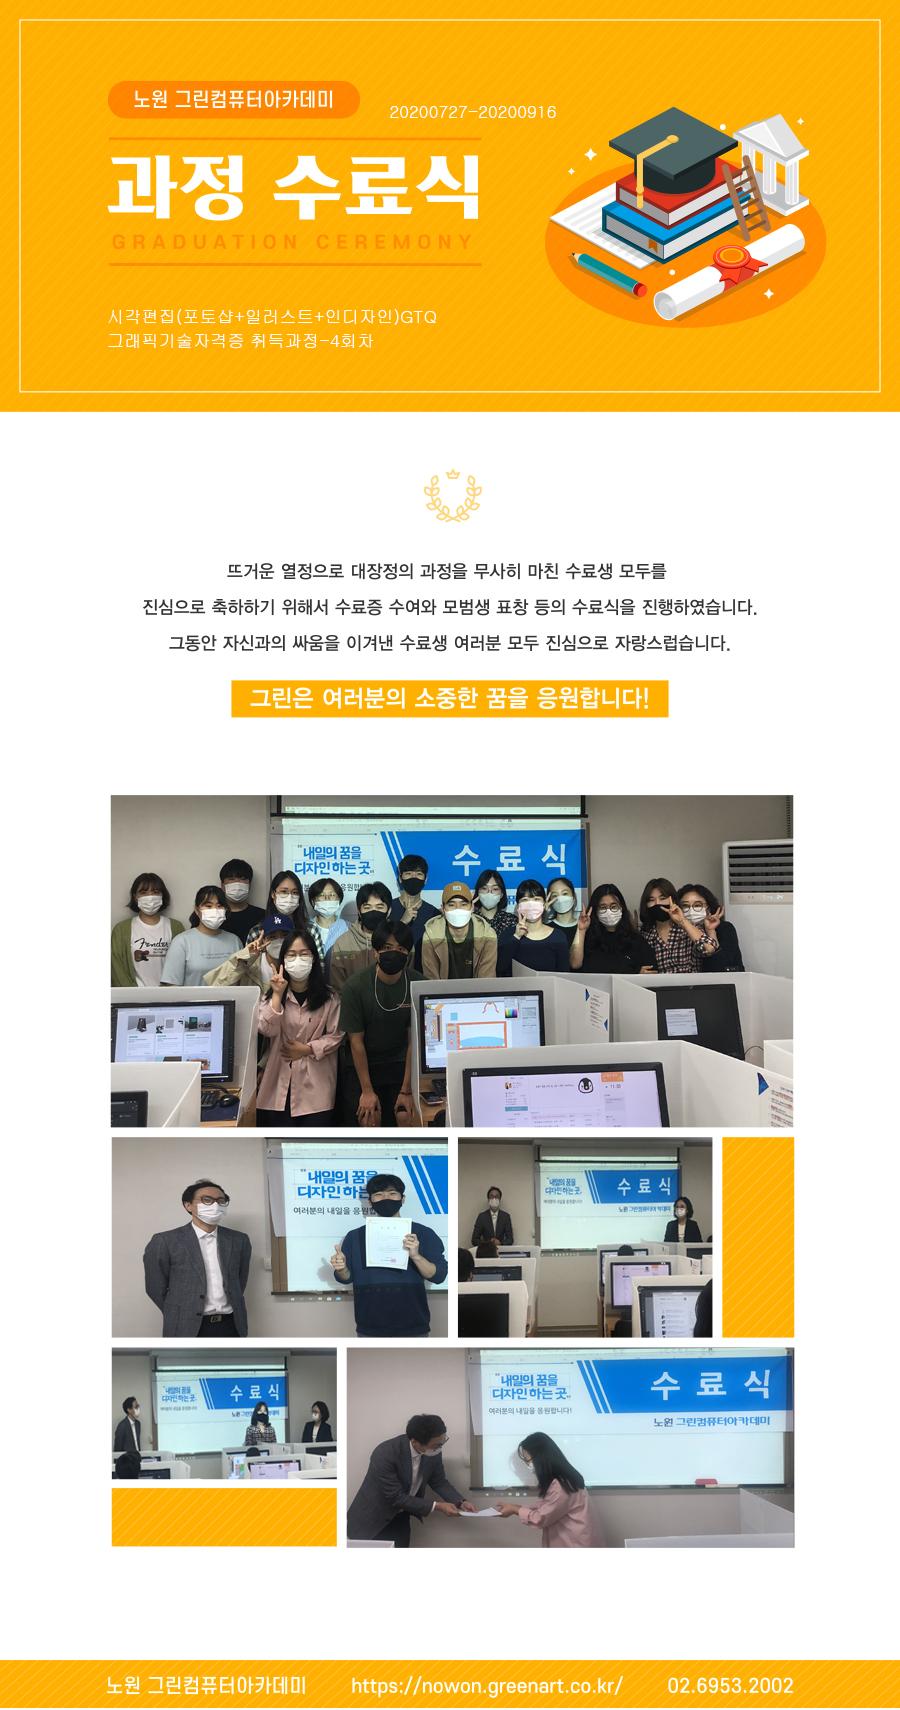 [노원캠퍼스]시각편집(포토샵+일러스트+인디자인)GTQ자격증 취득과정_4회차_수료식